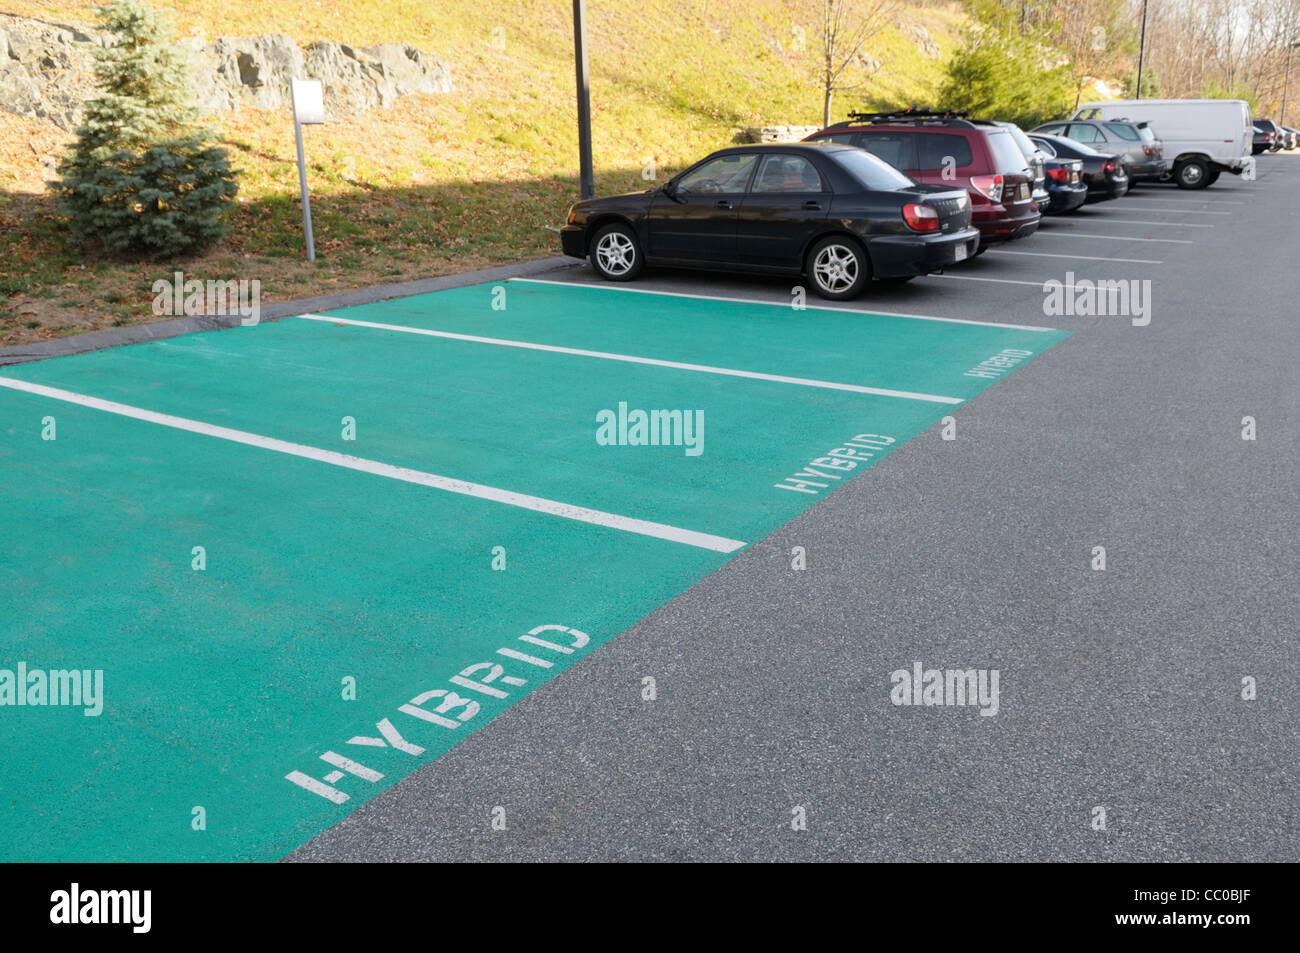 Les places de stationnement réservées aux voitures hybrides essence-électricité à un hôtel Photo Stock